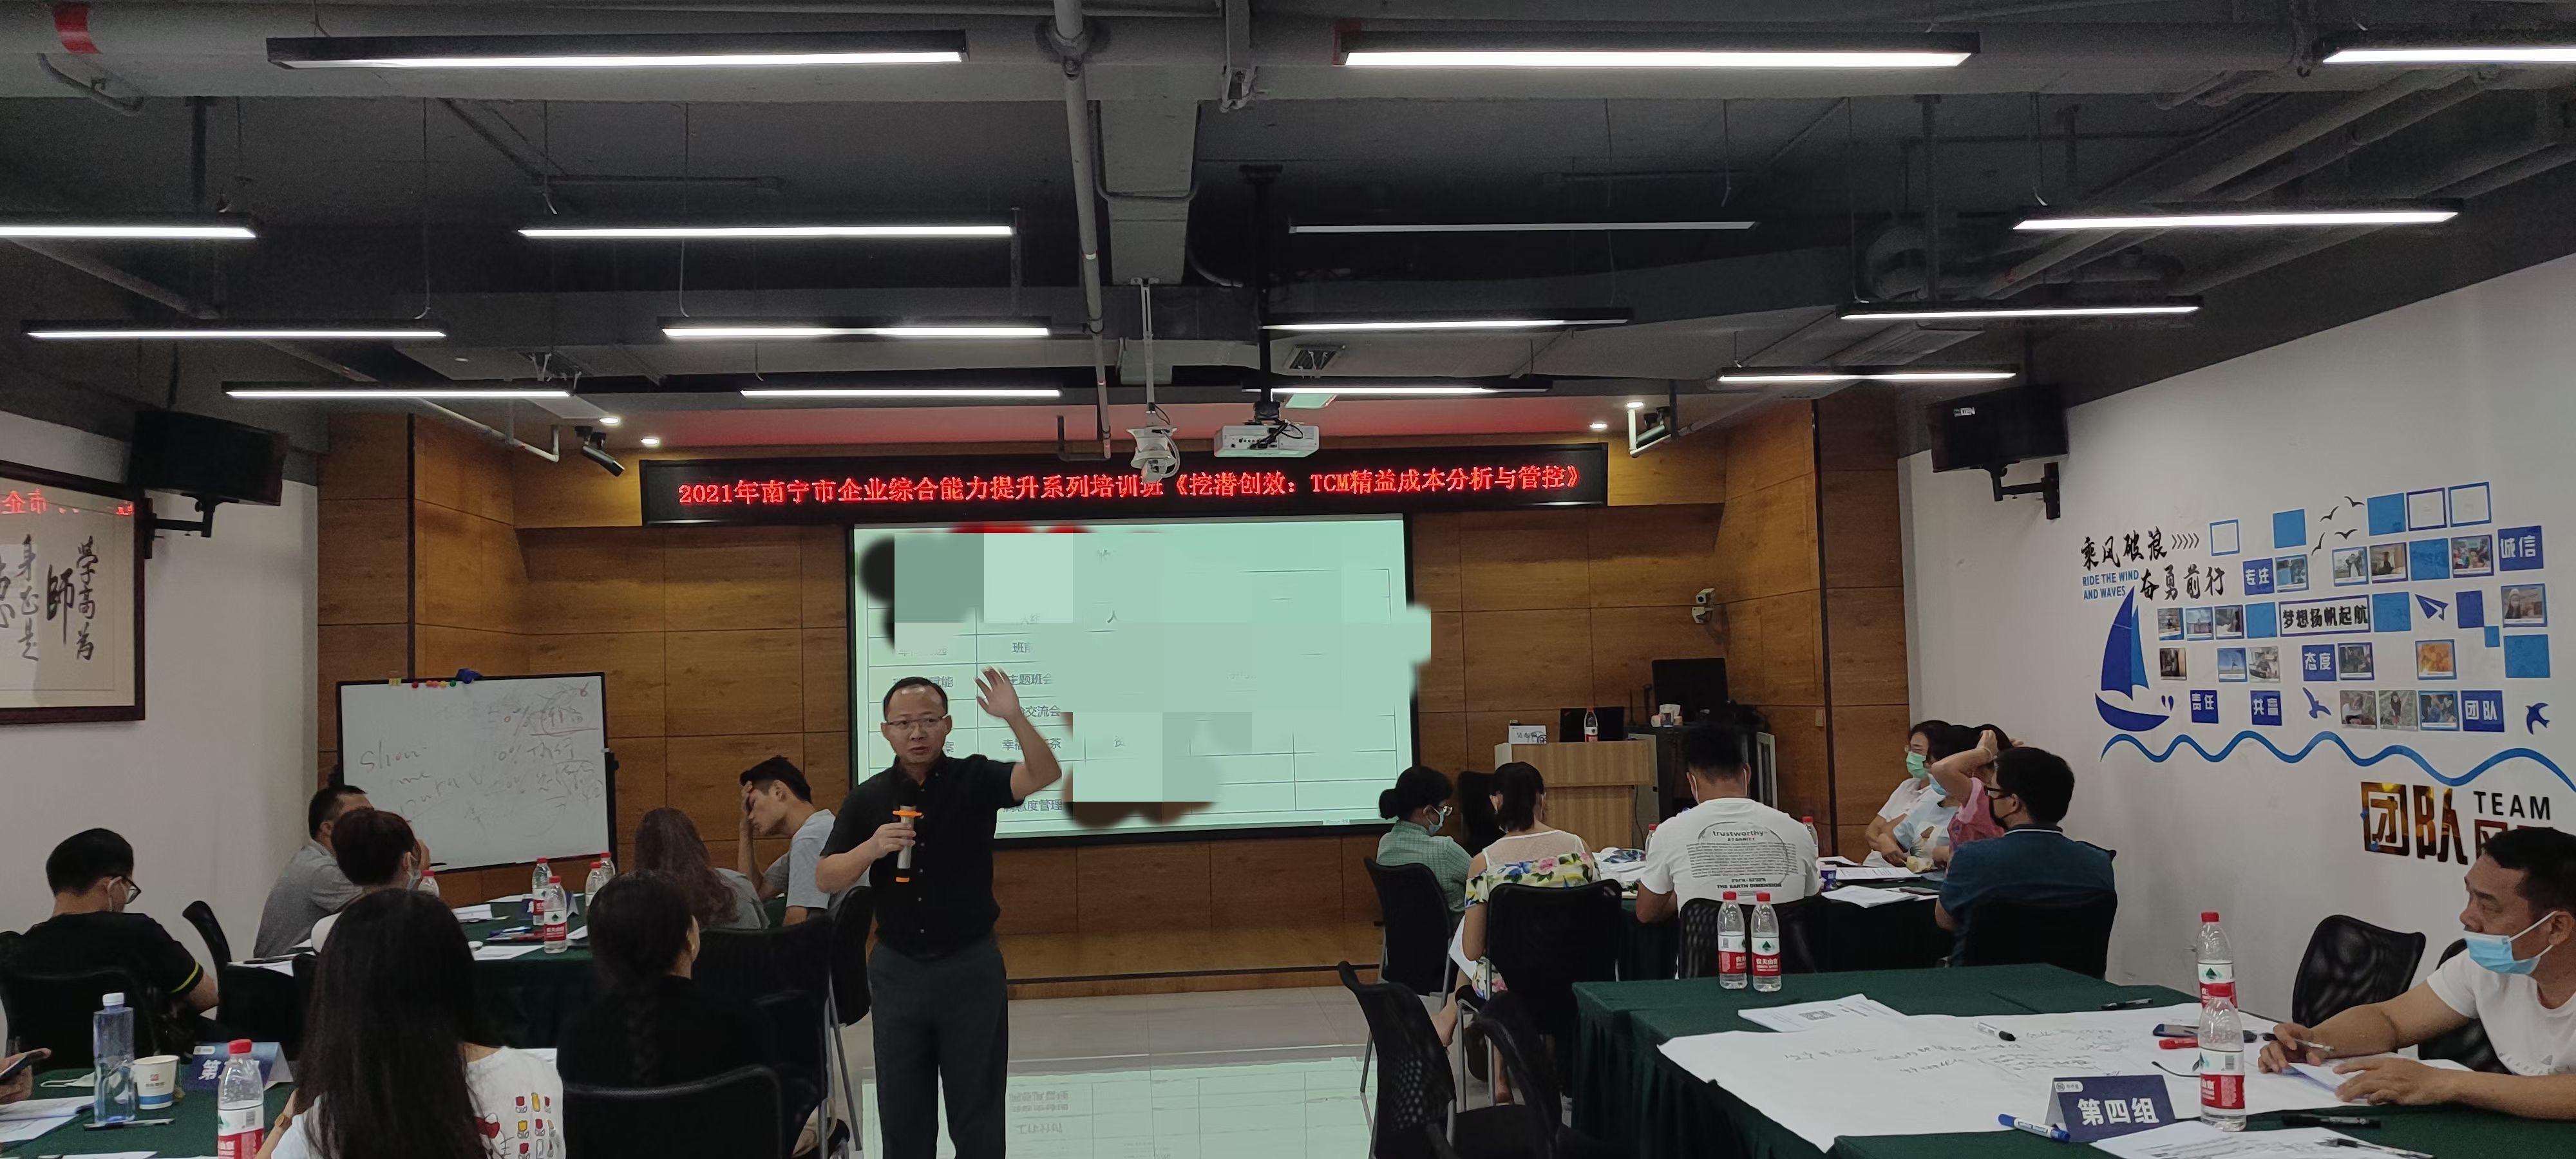 9月29日,吴东翰老师【TCM精益成本分析与管控】课程已圆满结束